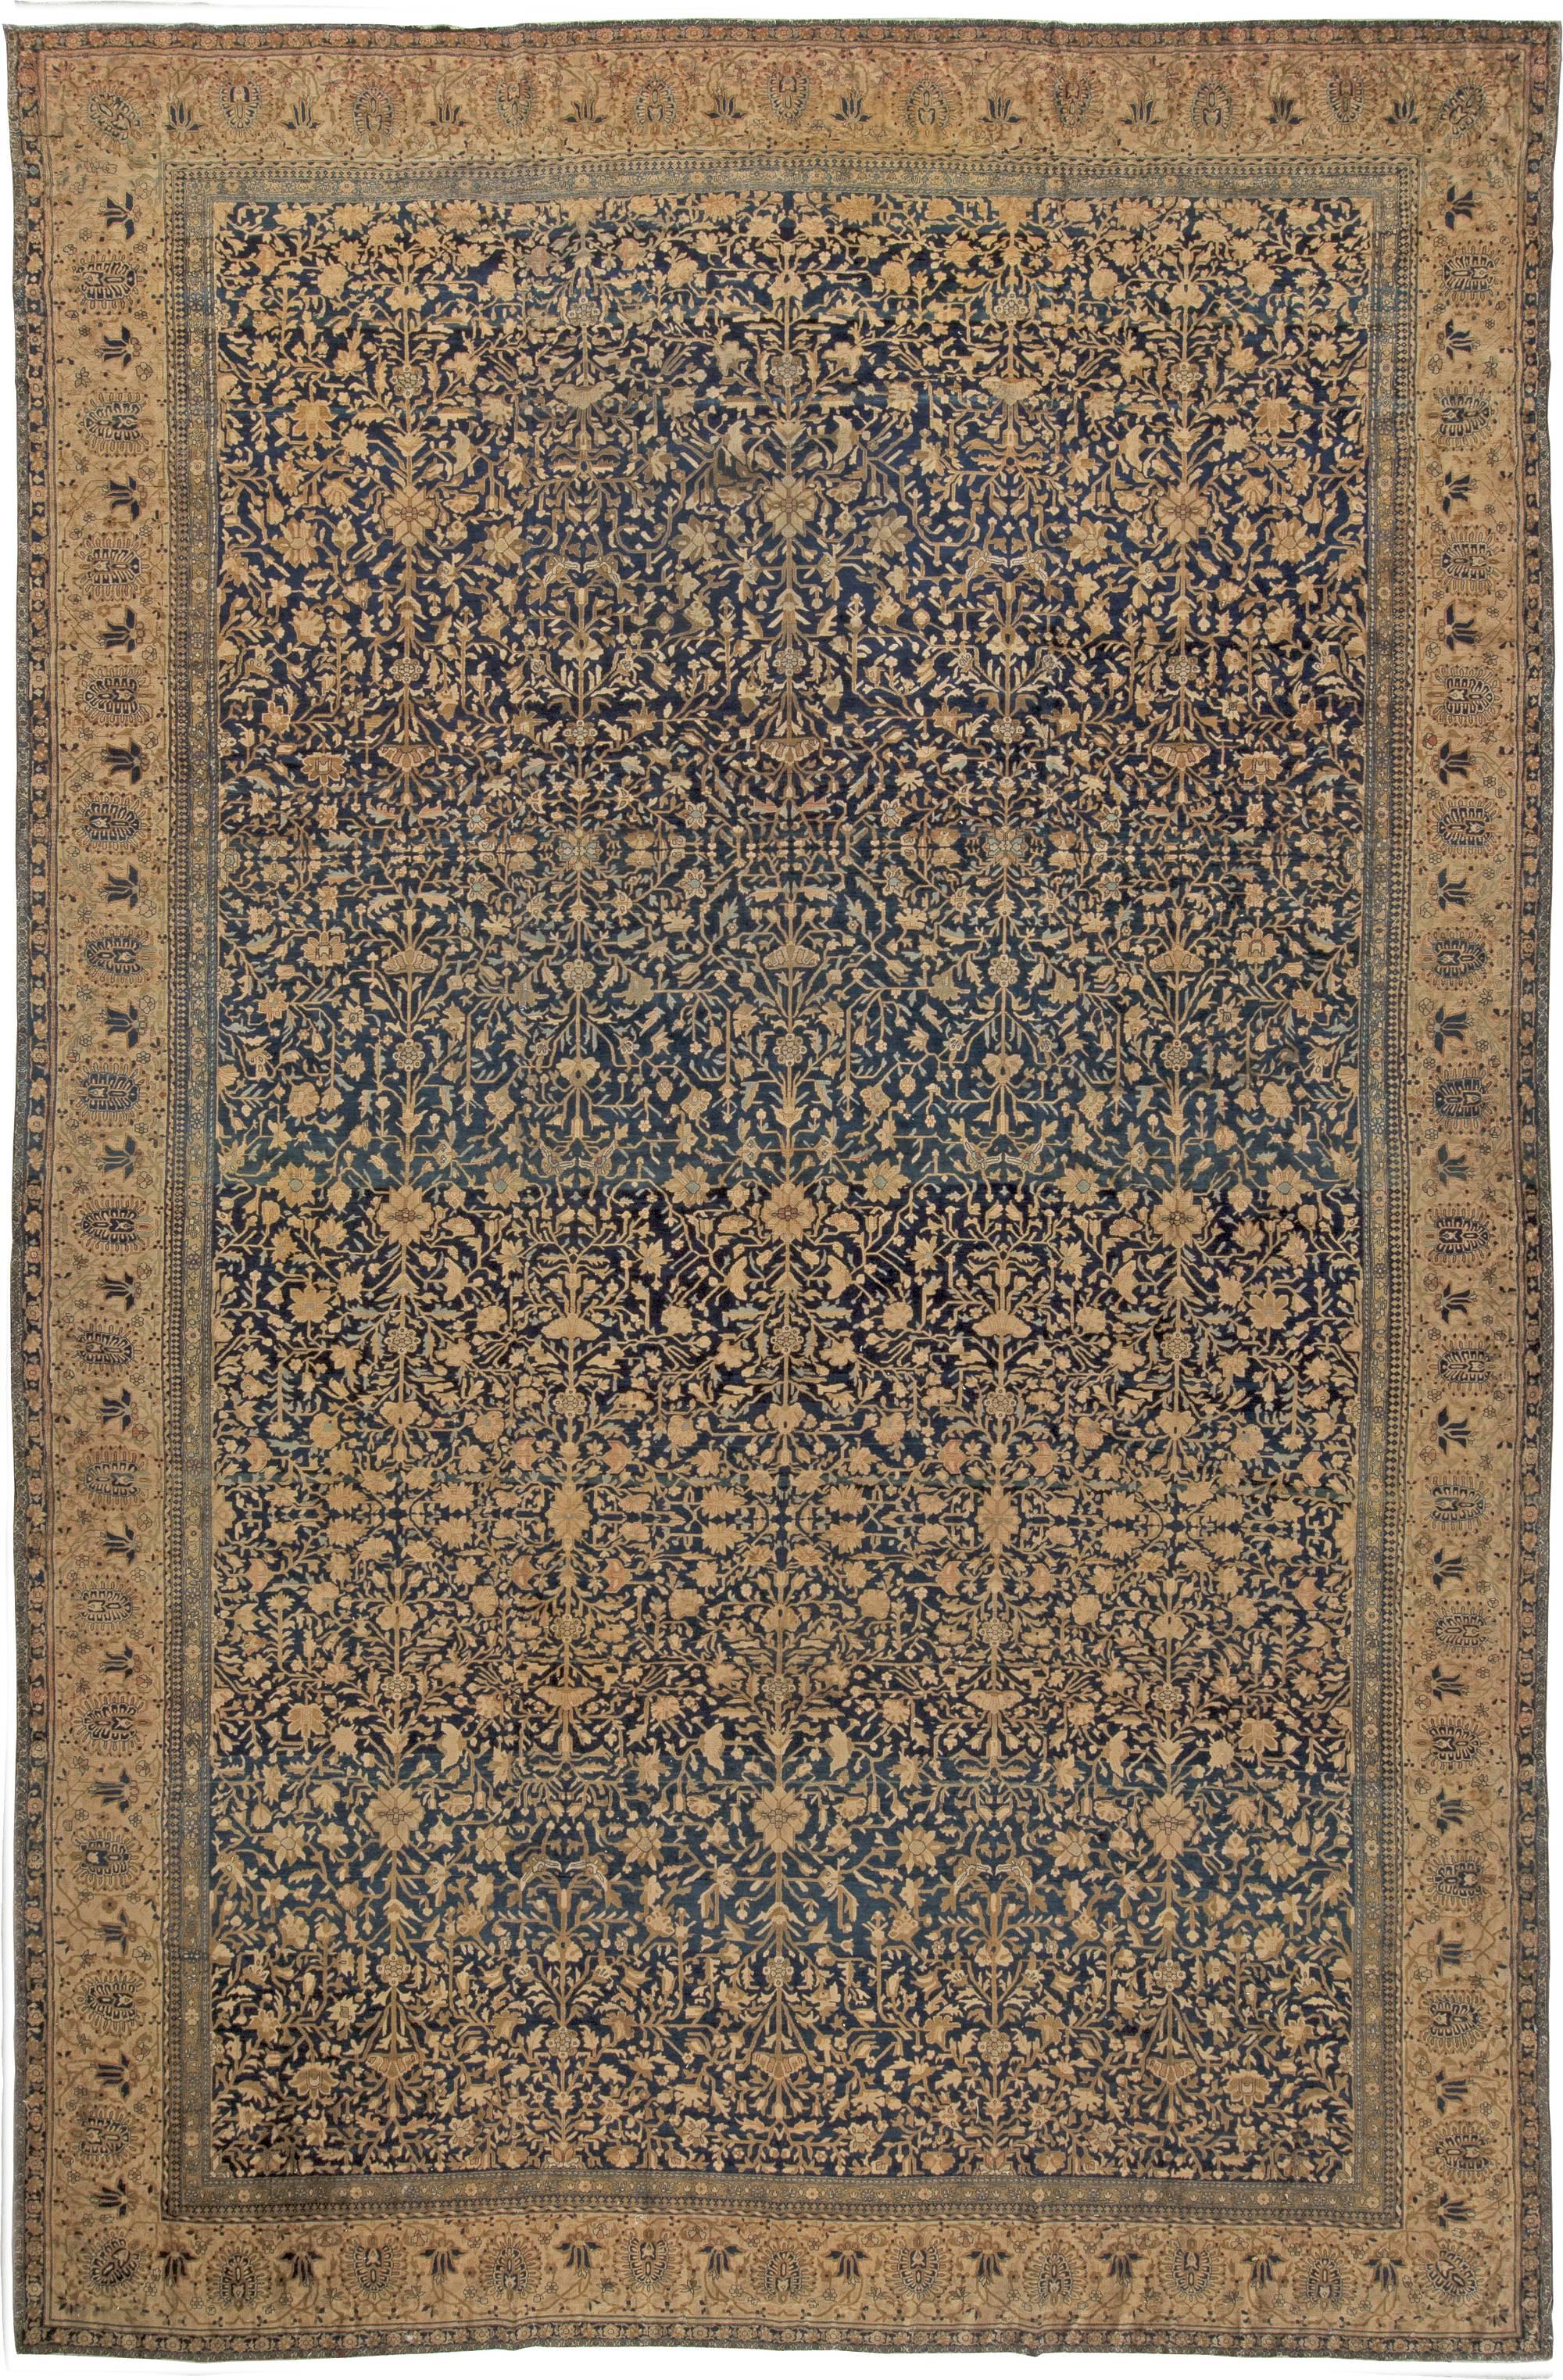 Vintage Persian Kashan Rug Bb4304 By Doris Leslie Blau